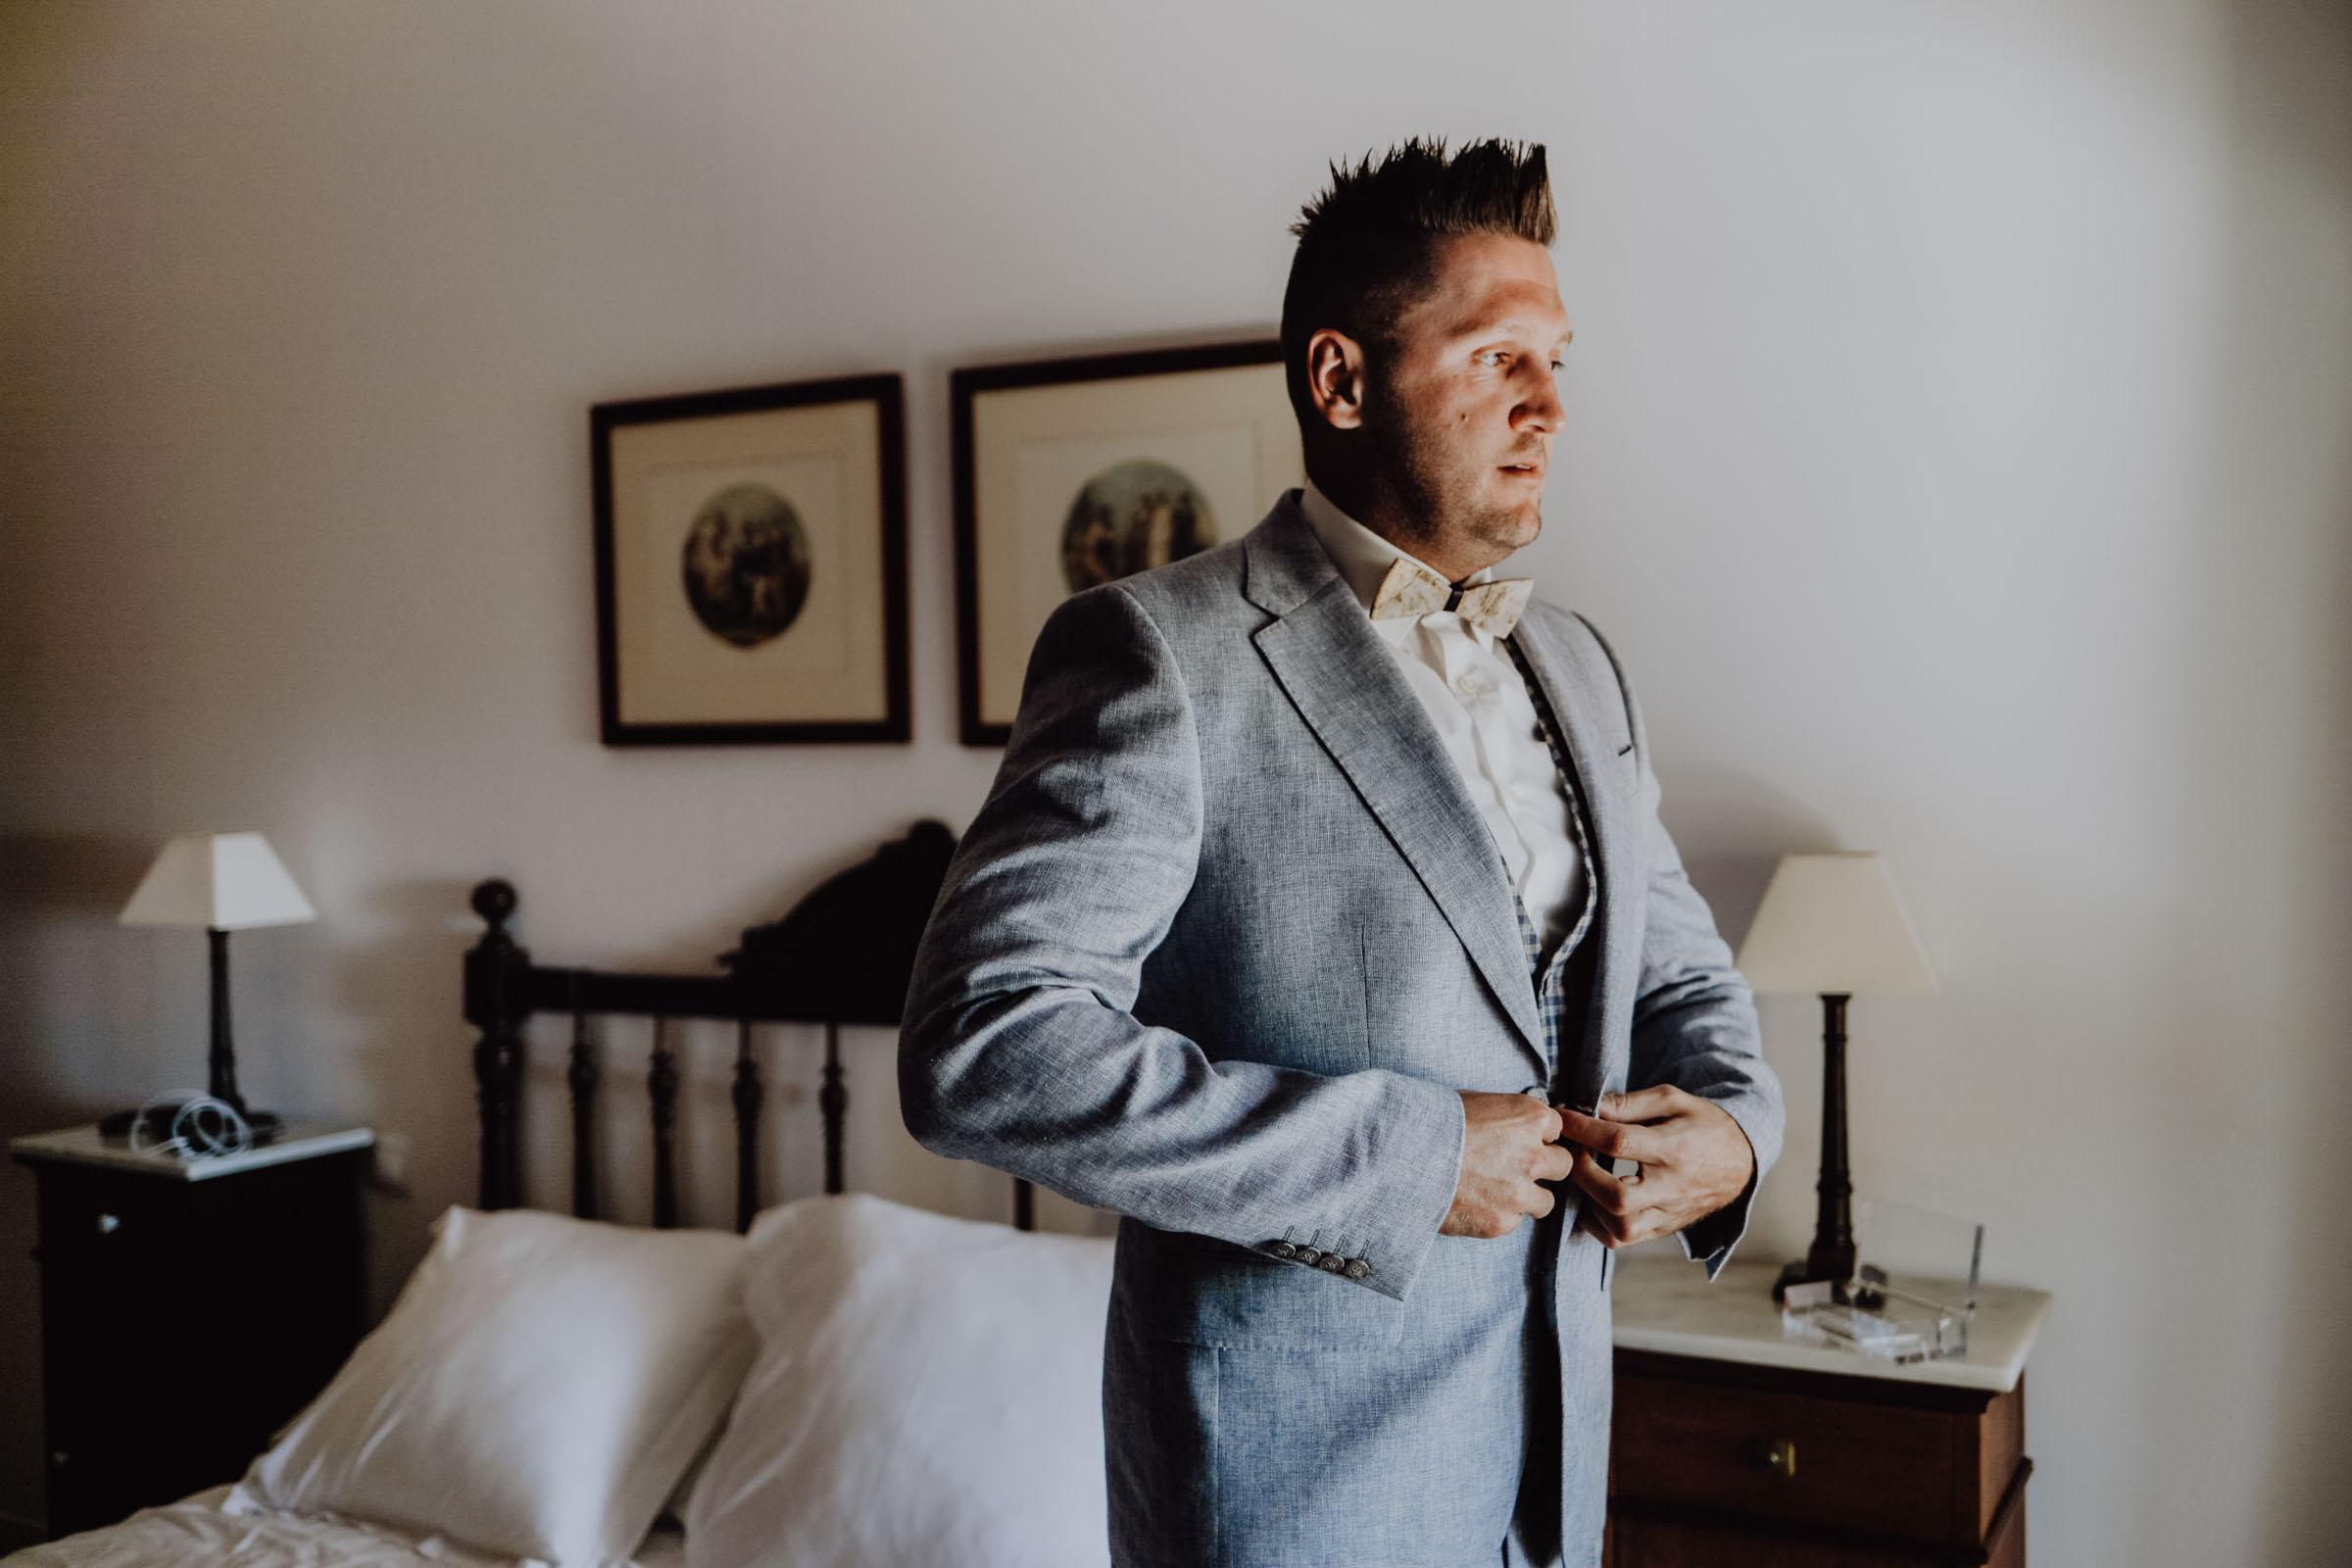 Mann steht im Schlafzimmer vor dem Bett